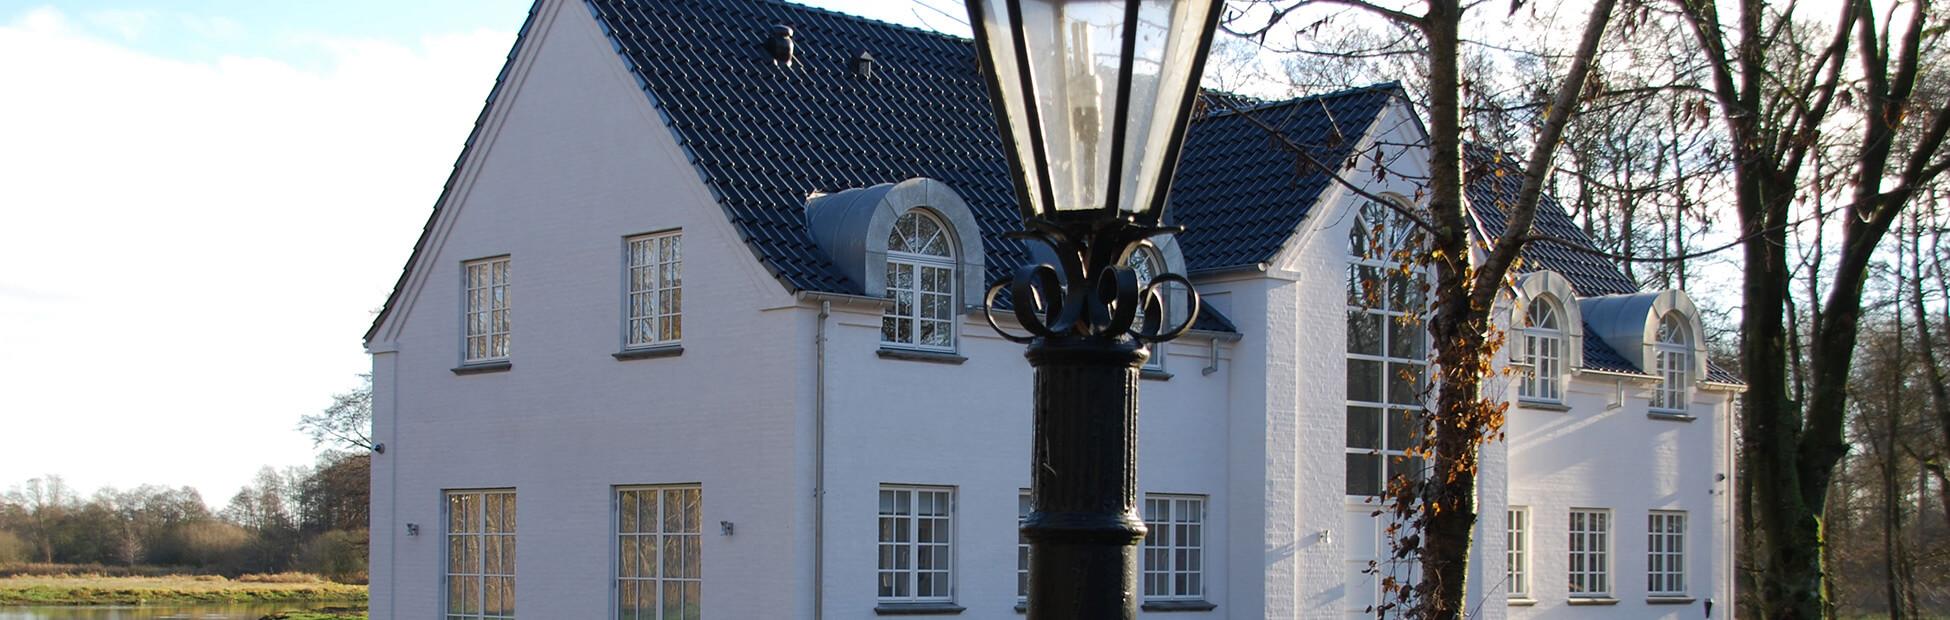 På udkig efter typehuse Århus eller arkitekt Århus?